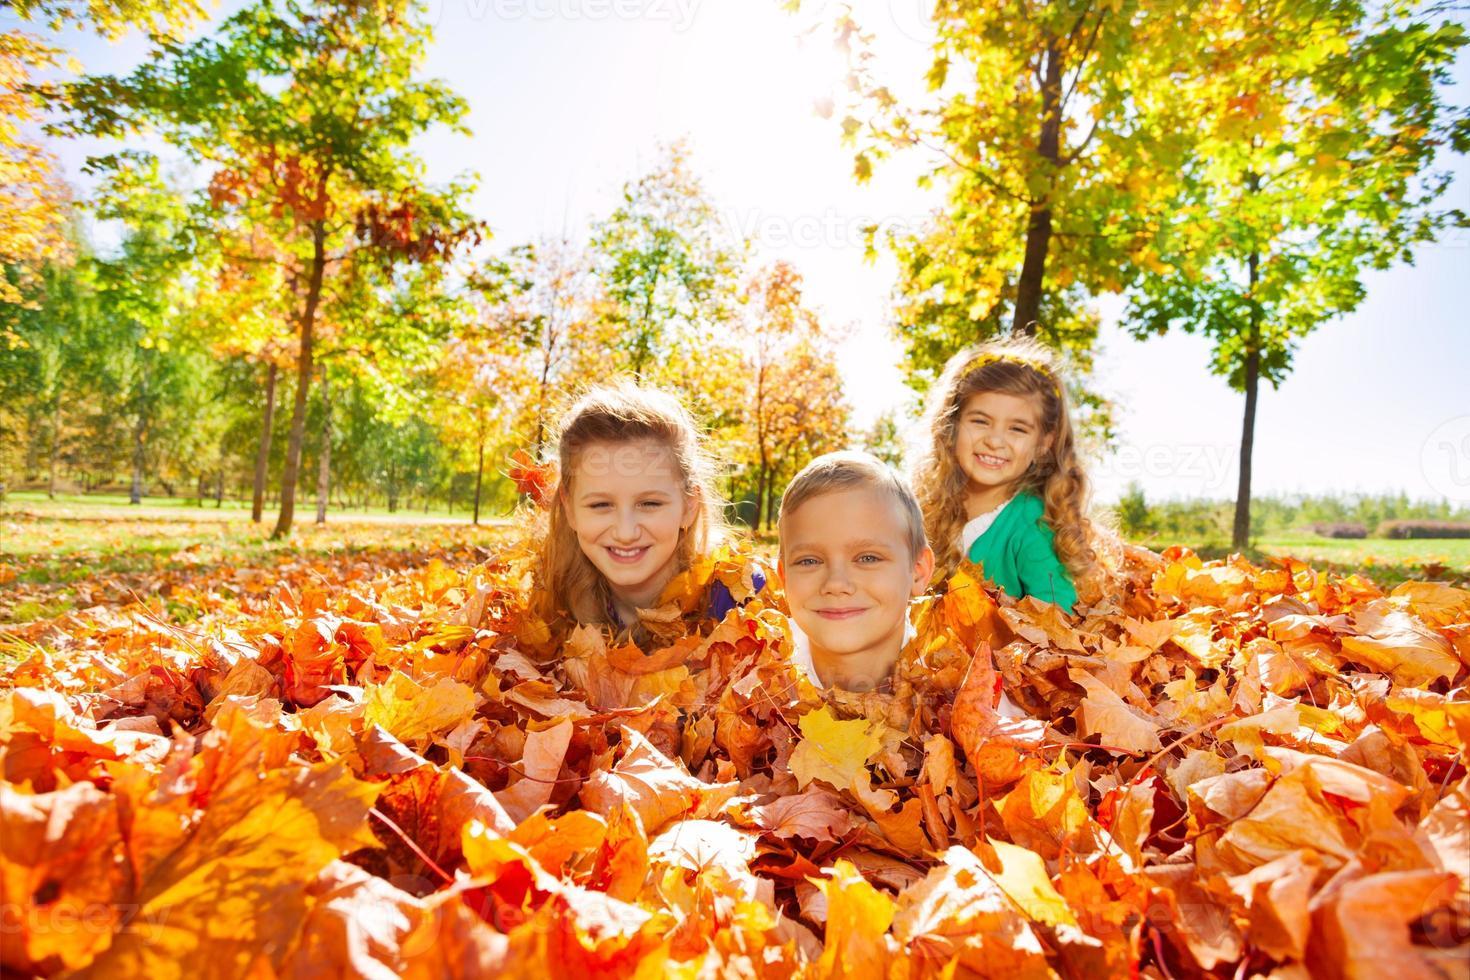 crianças se divertindo deitado no chão com folhas foto